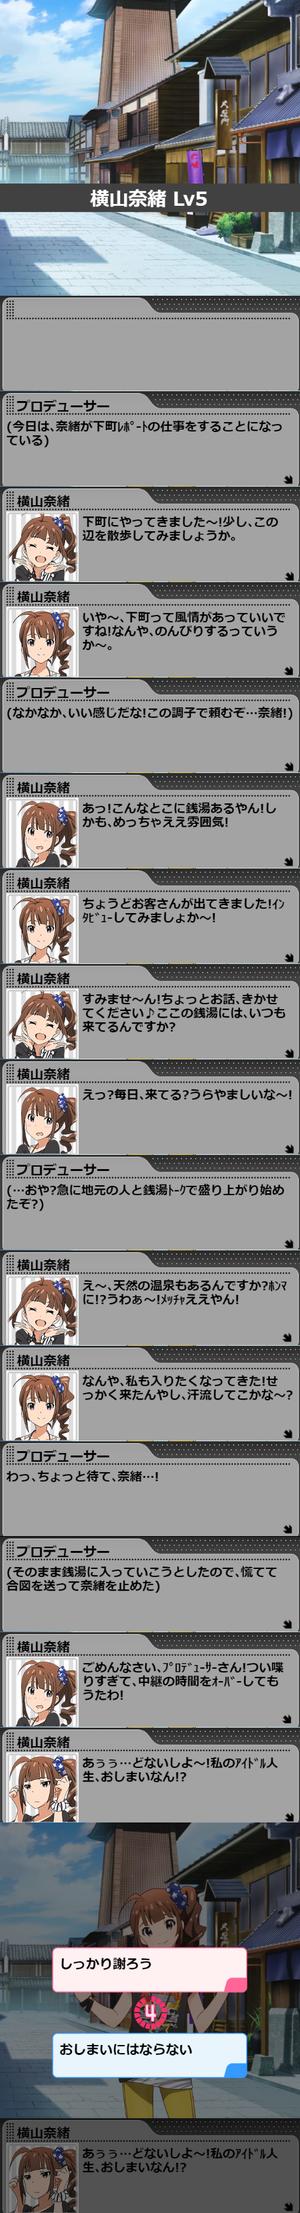 奈緒LV5_1